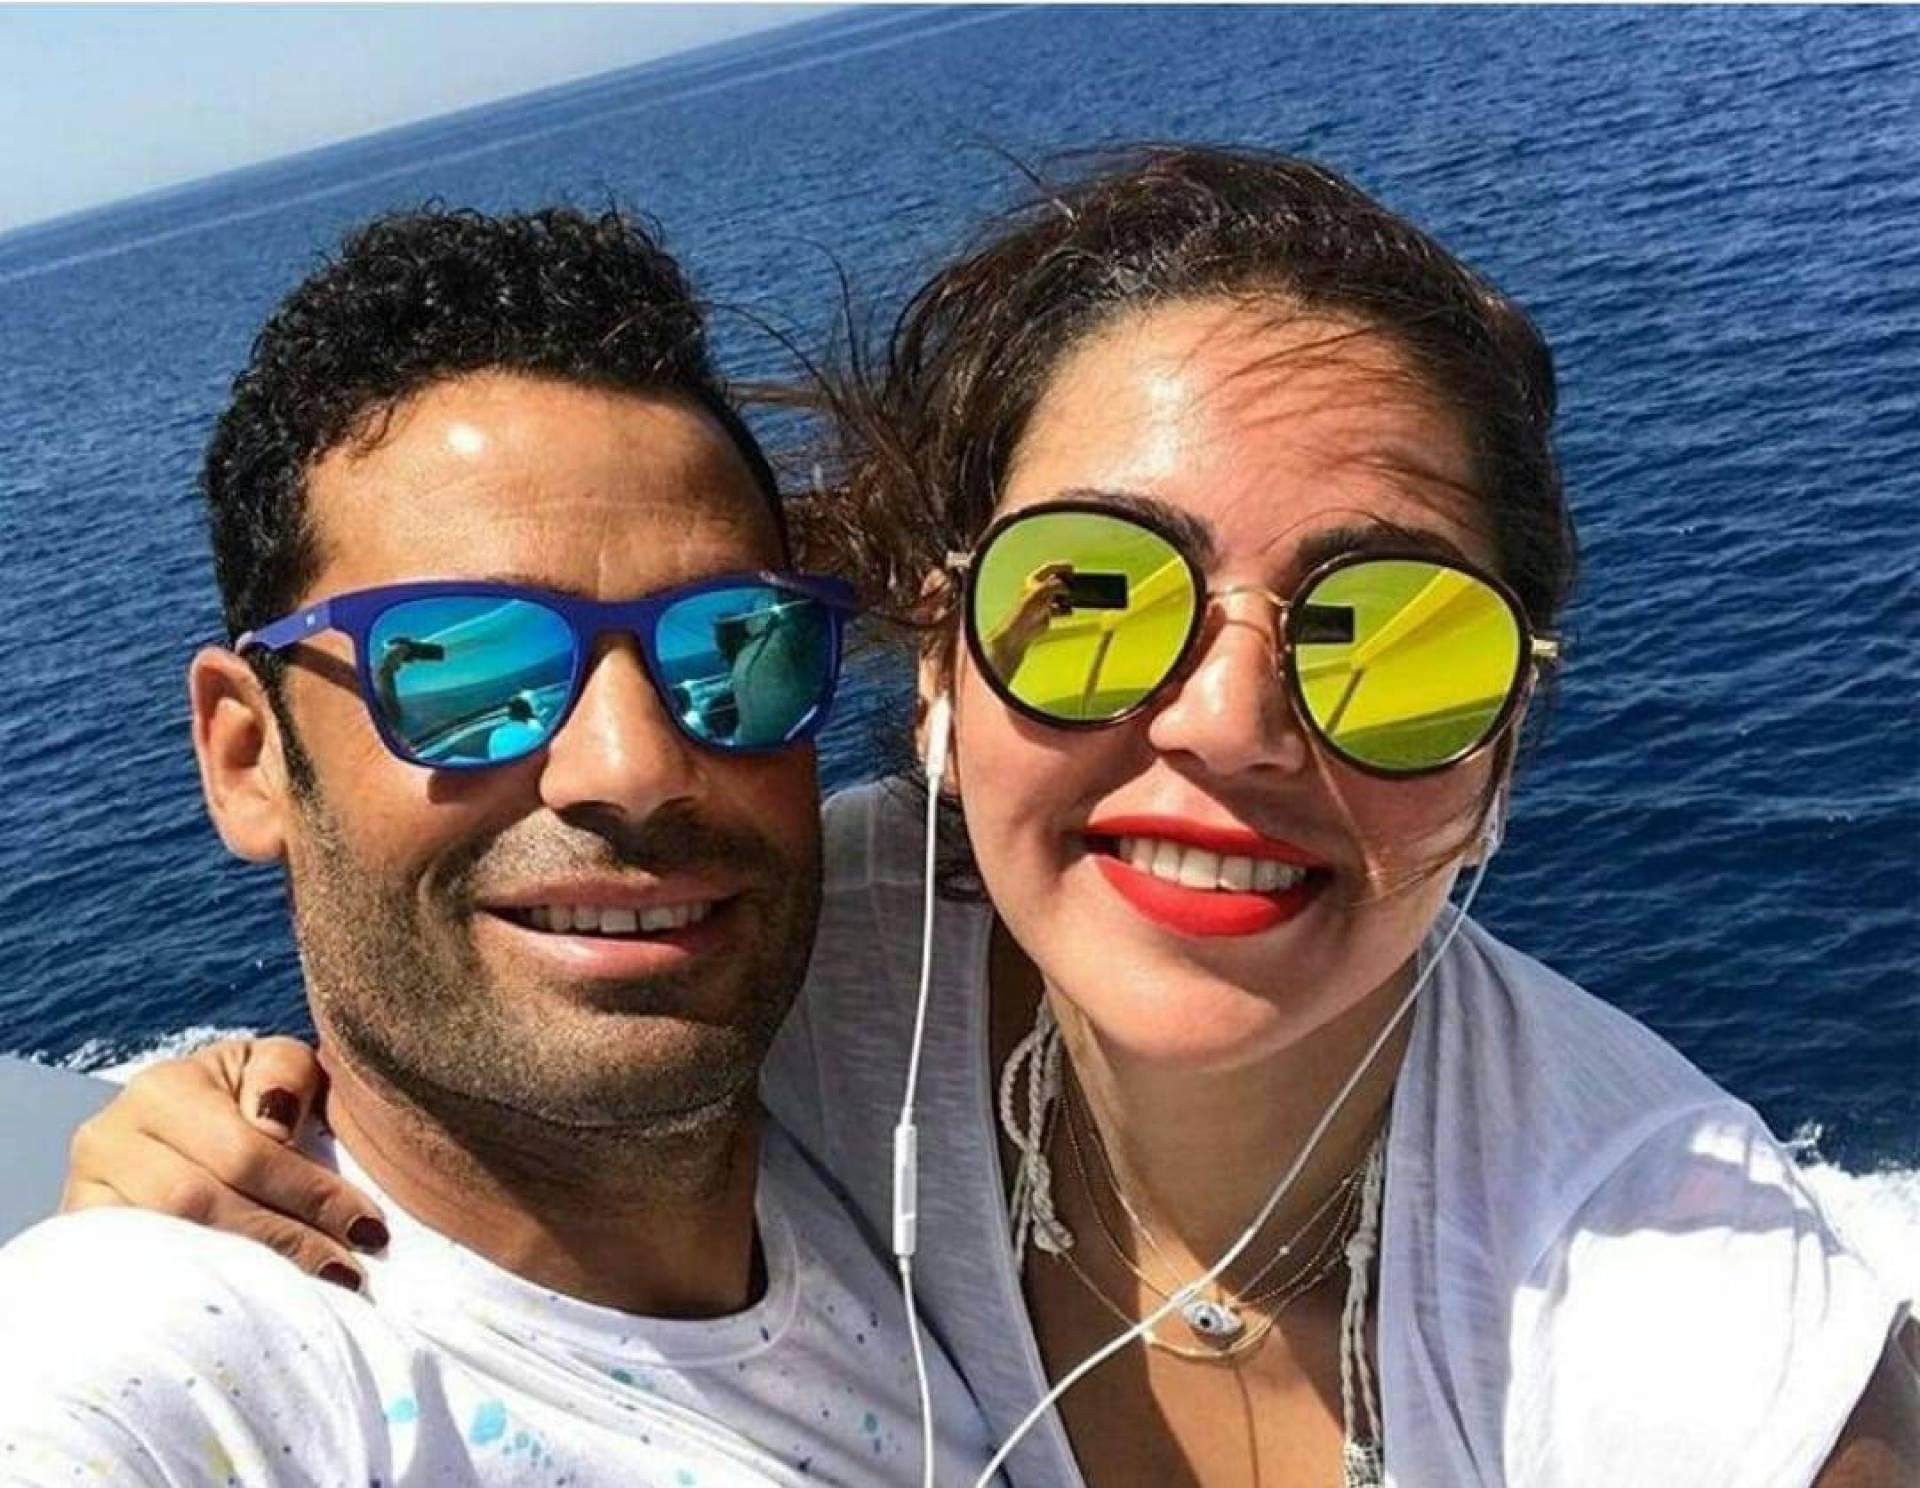 8dca2df5d بالفيديو - لقاء الخميسي: أحب هذا الفنان جداً وأعرفه قبل زوجي محمد عبدالمنصف    Laha Magazine